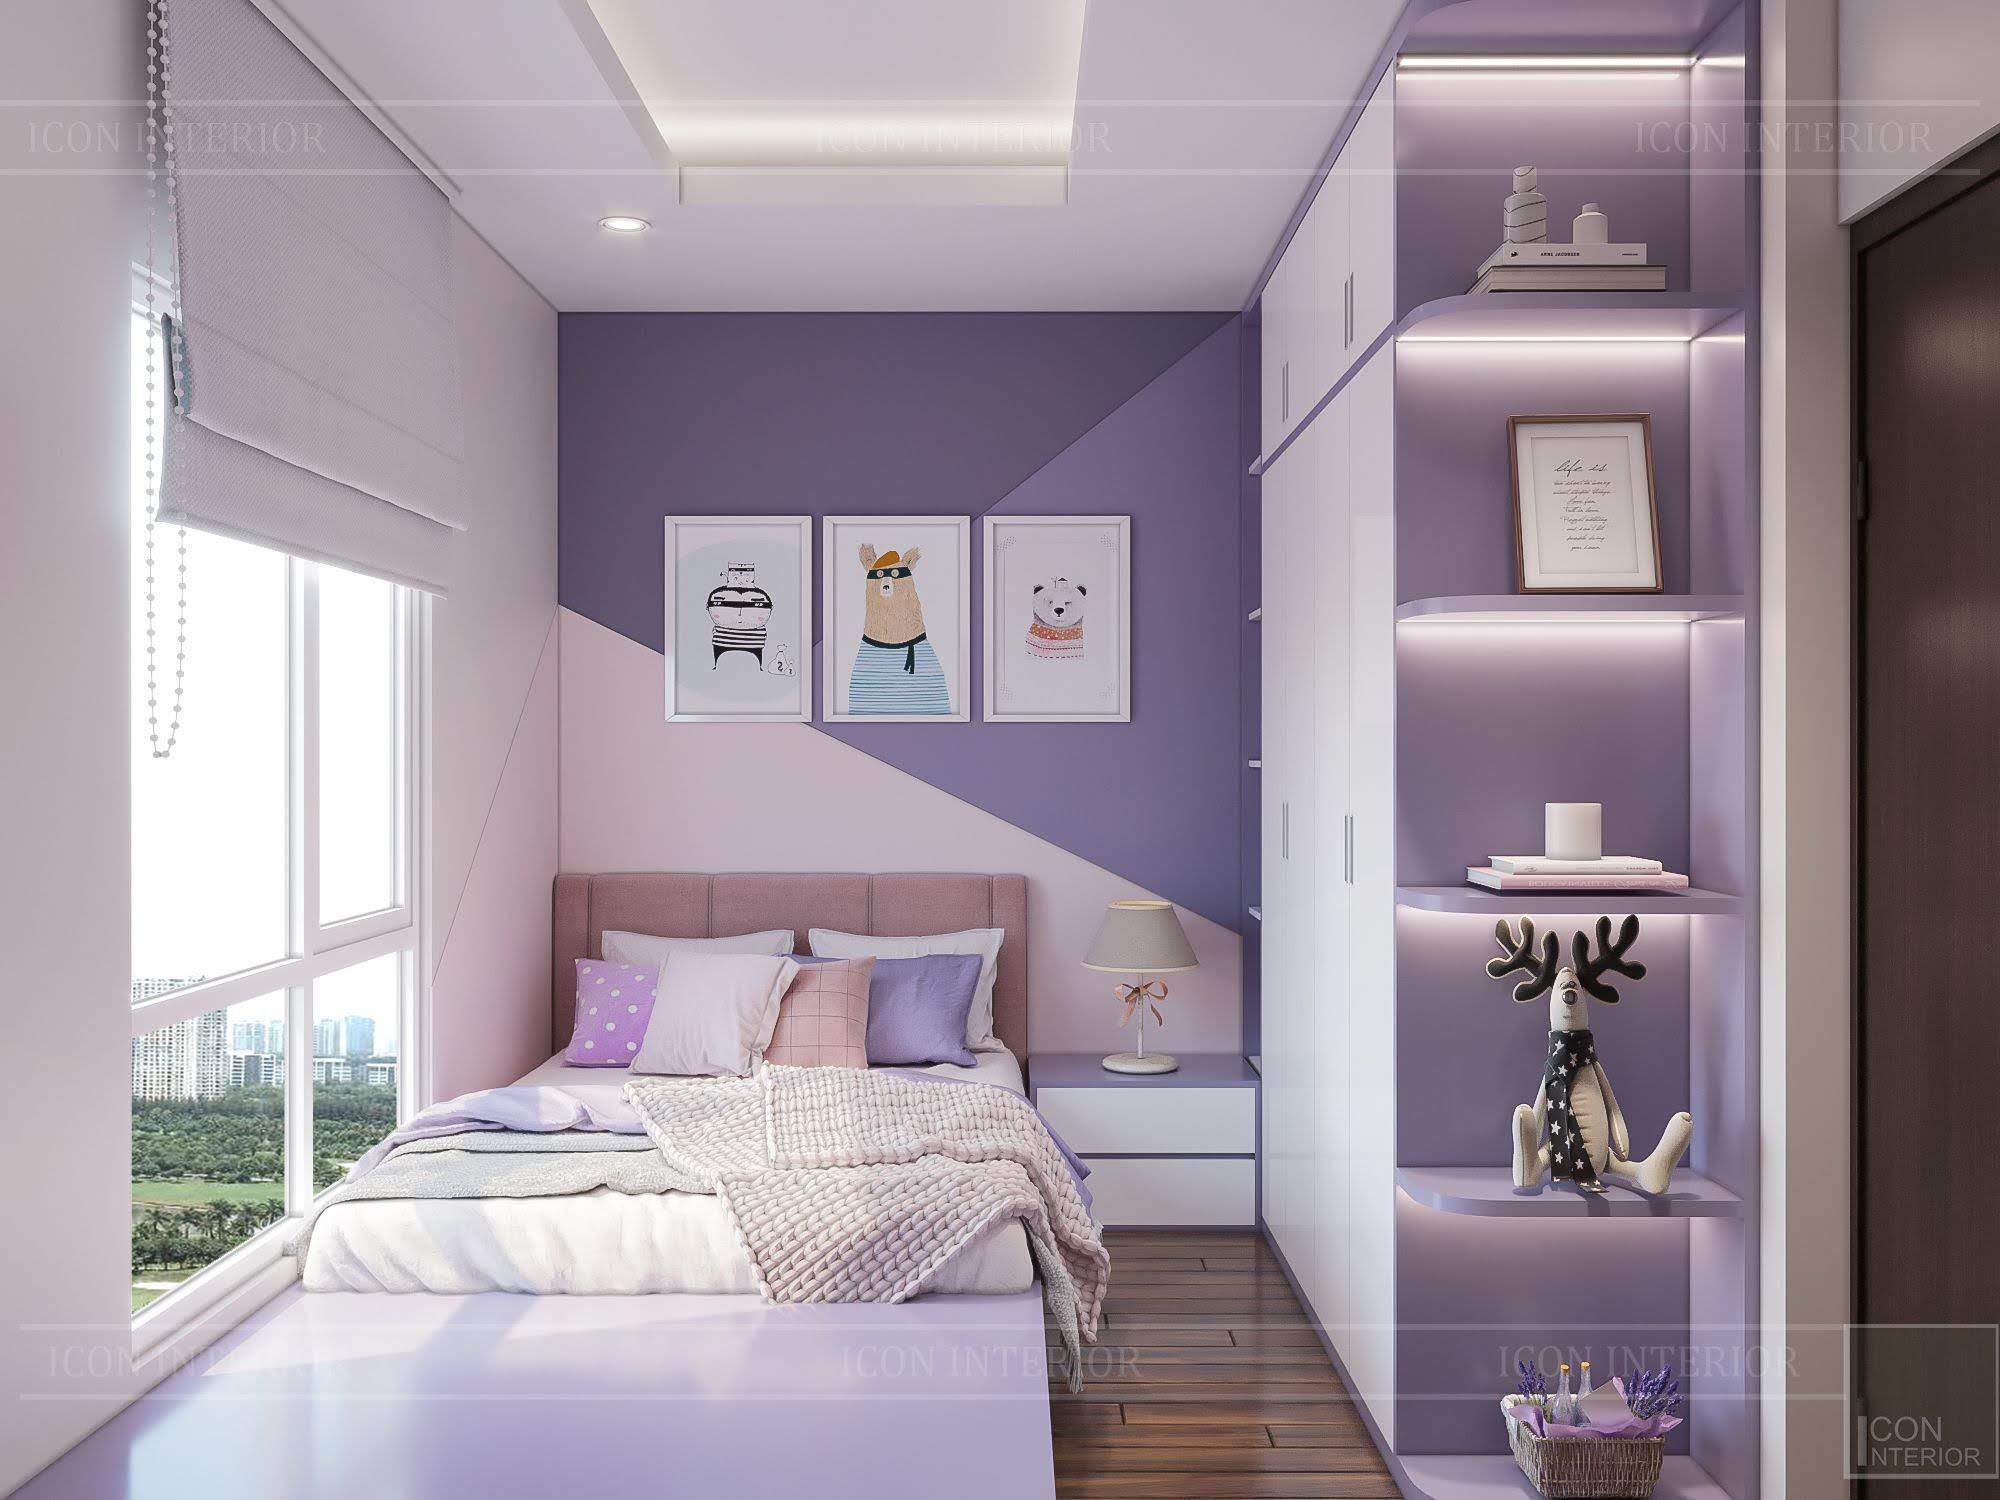 thiết kế căn hộ đập thông - phòng ngủ bé gái